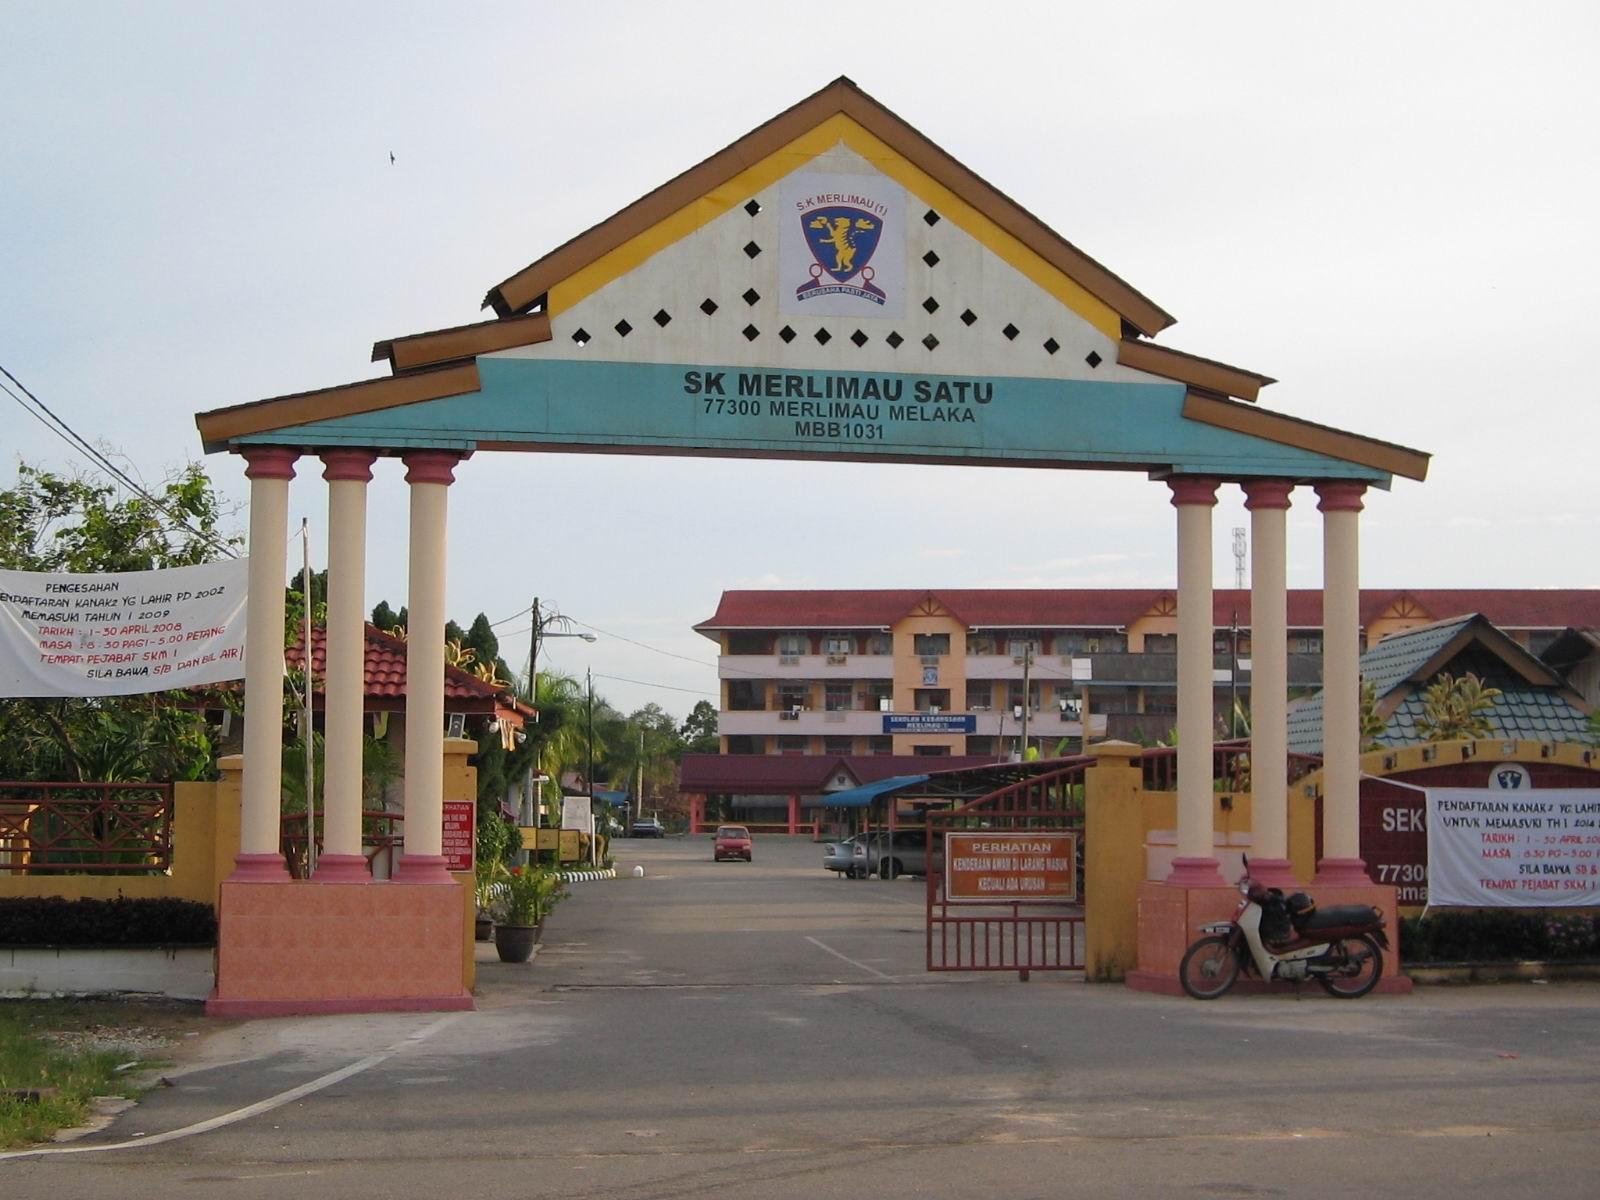 Sekolah Kebangsaan Merlimau Satu: Sejarah Sekolah